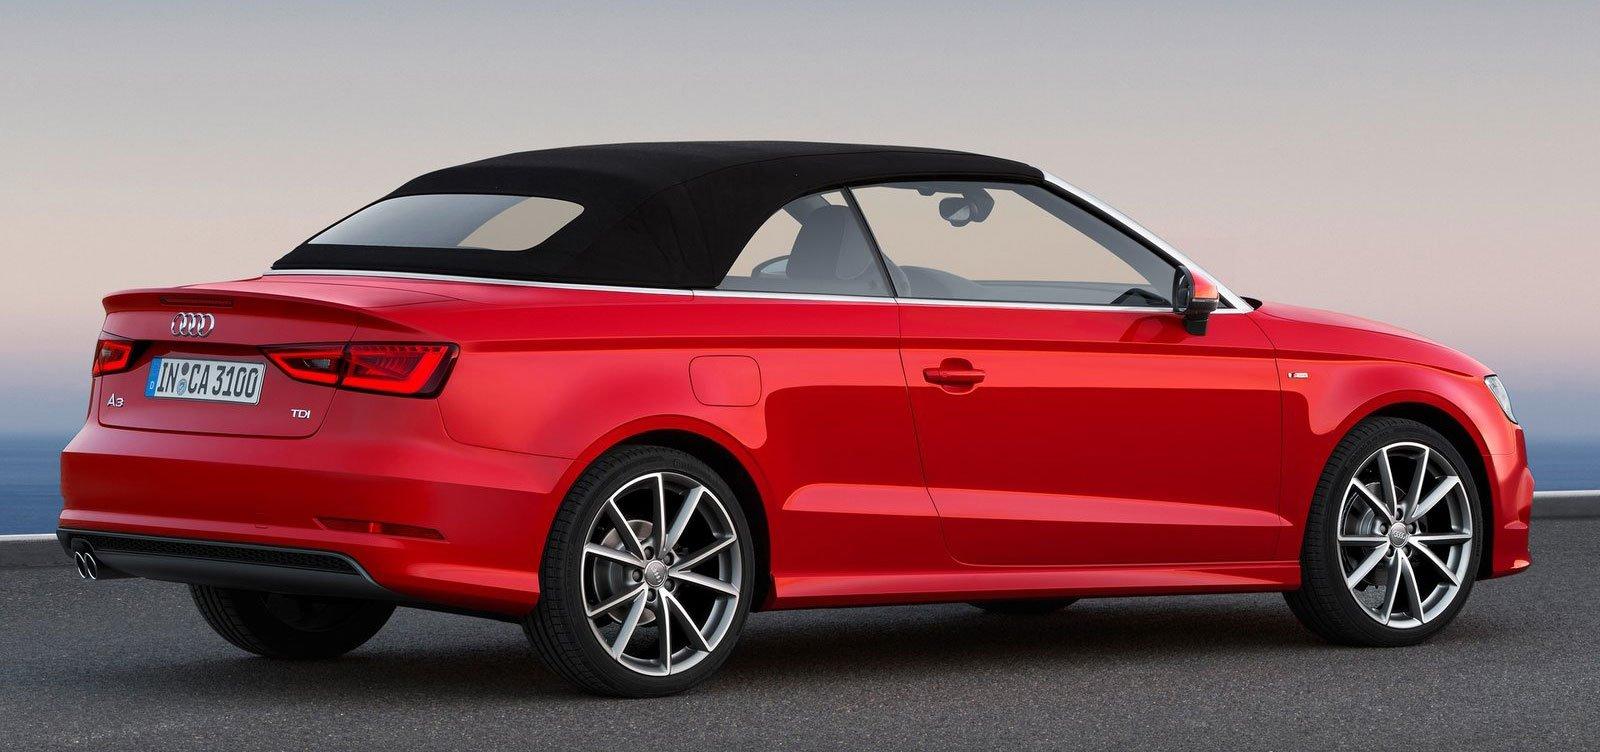 New Audi A3 Cabriolet Debuts At Frankfurt 2013 Paul Tan